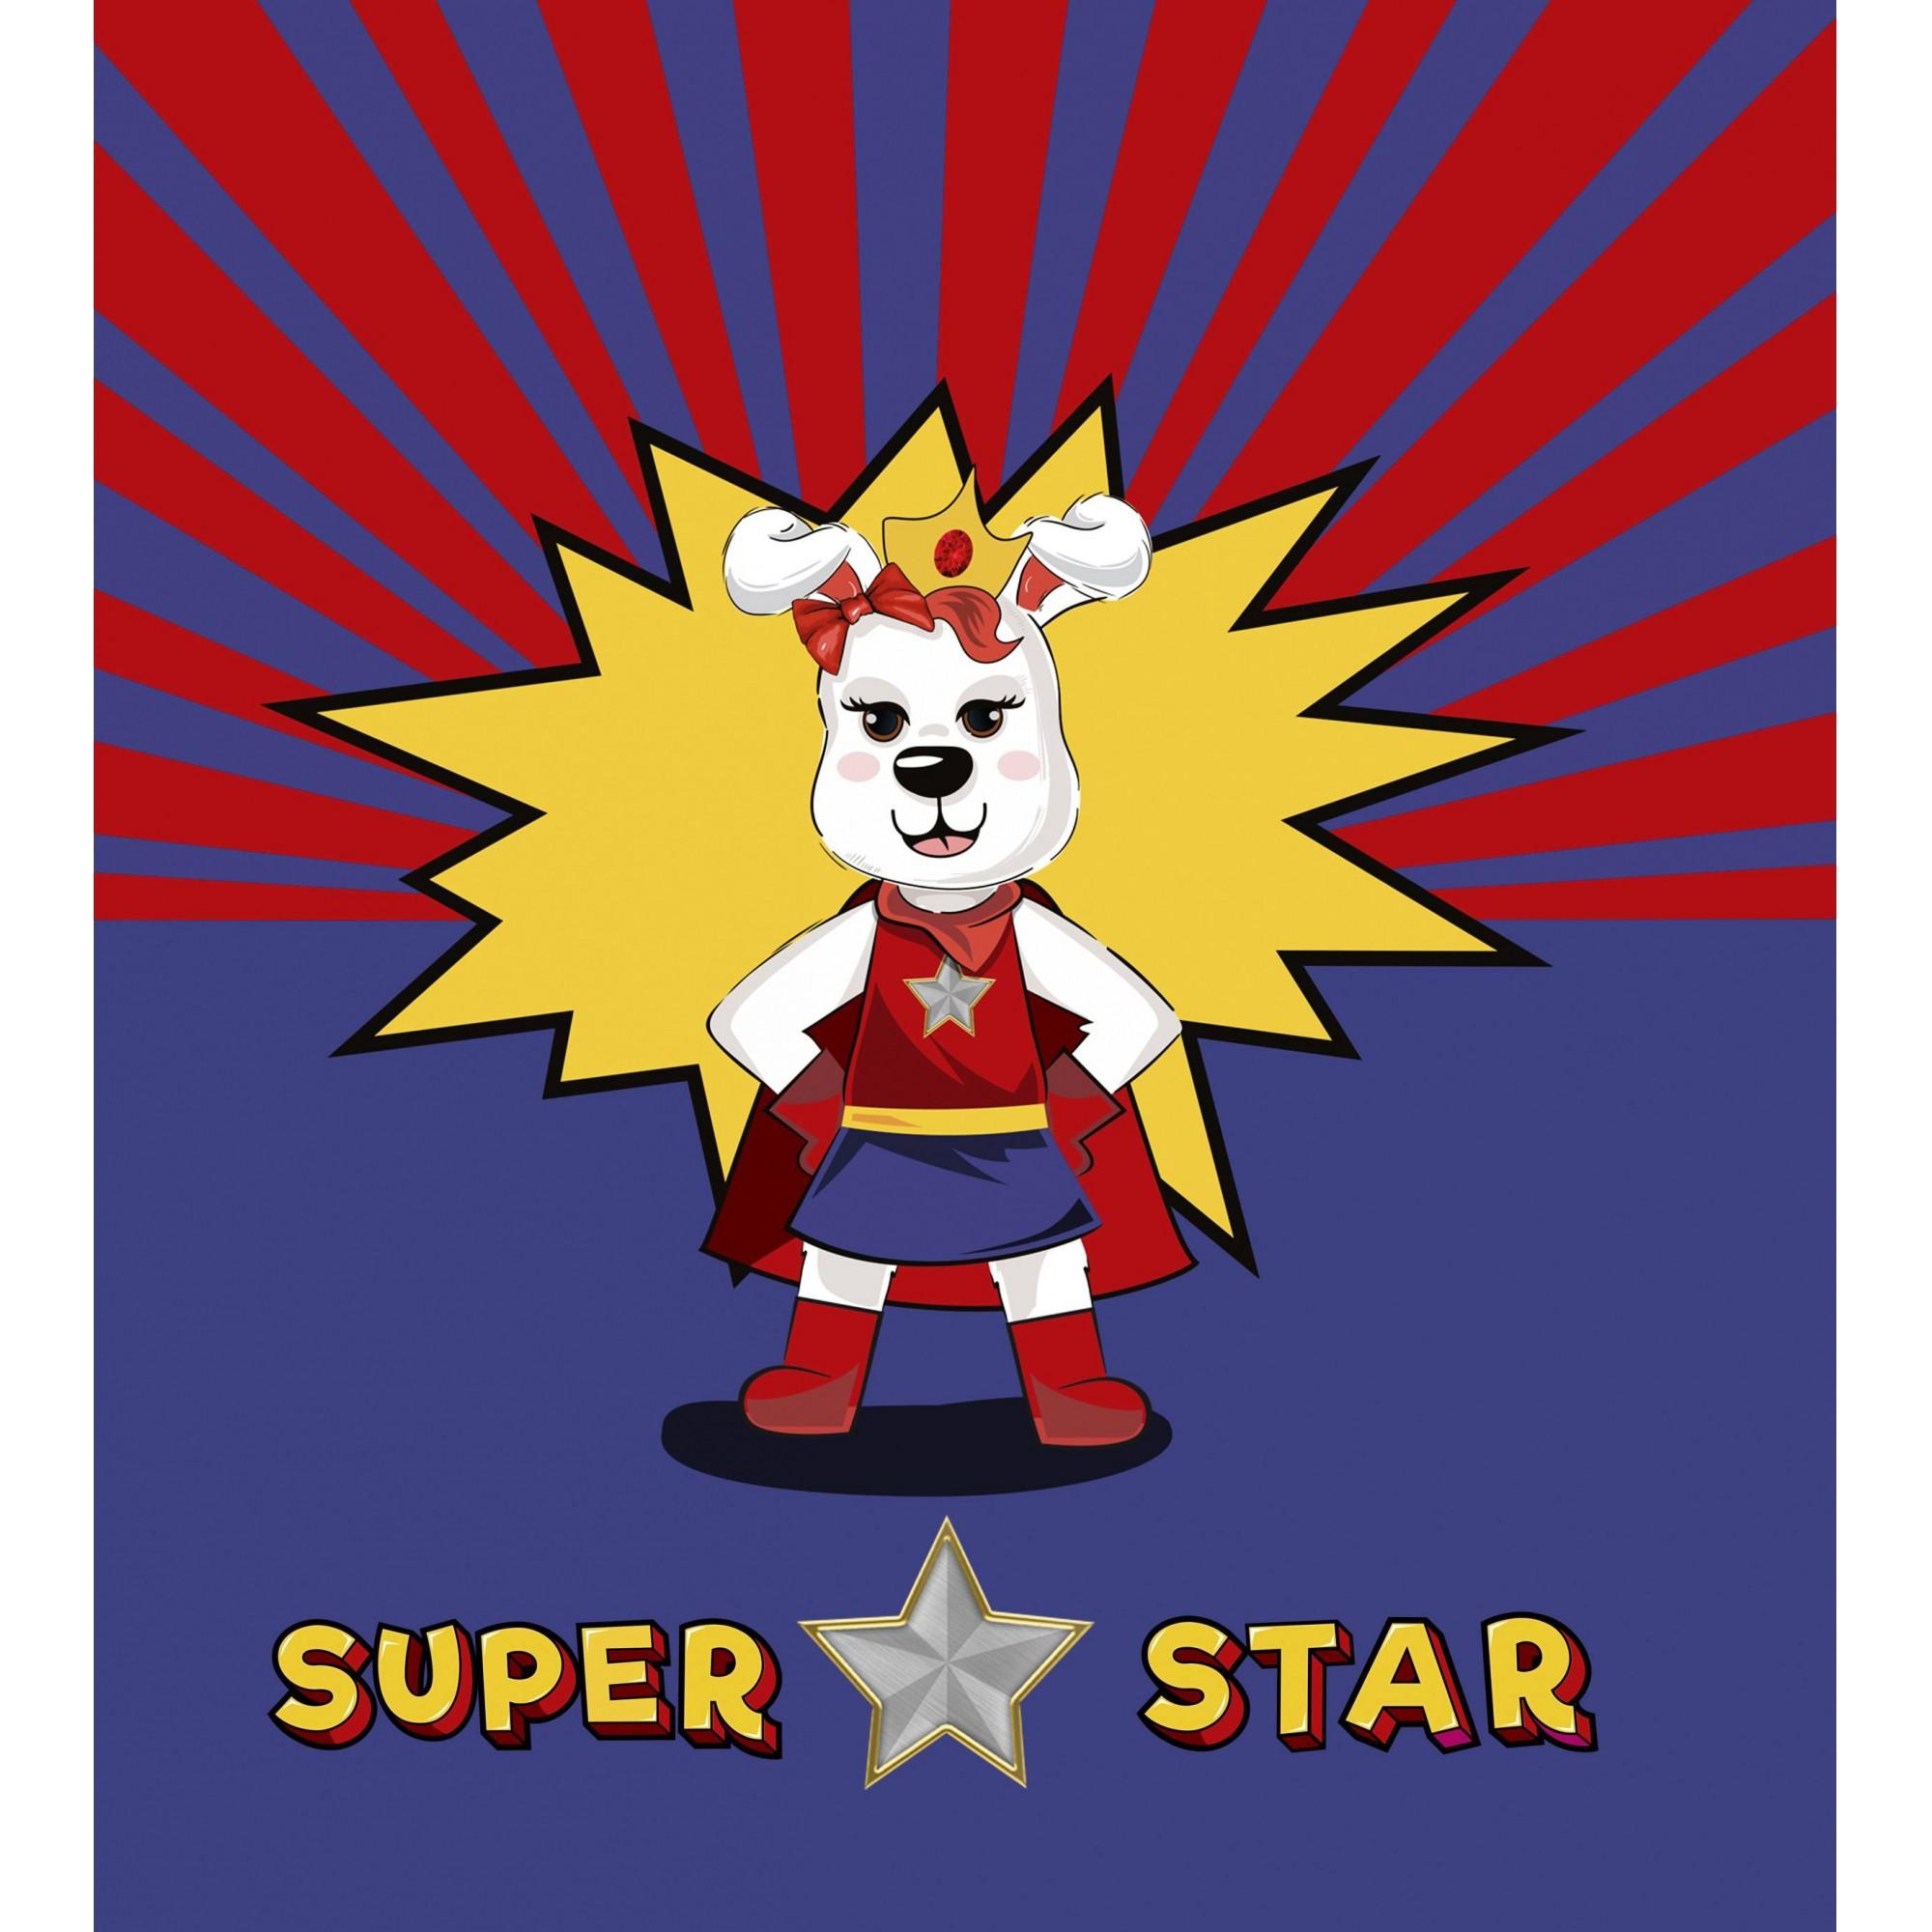 Bandana da aventureira Super Star para cachorros e gatos, Tam P ao G